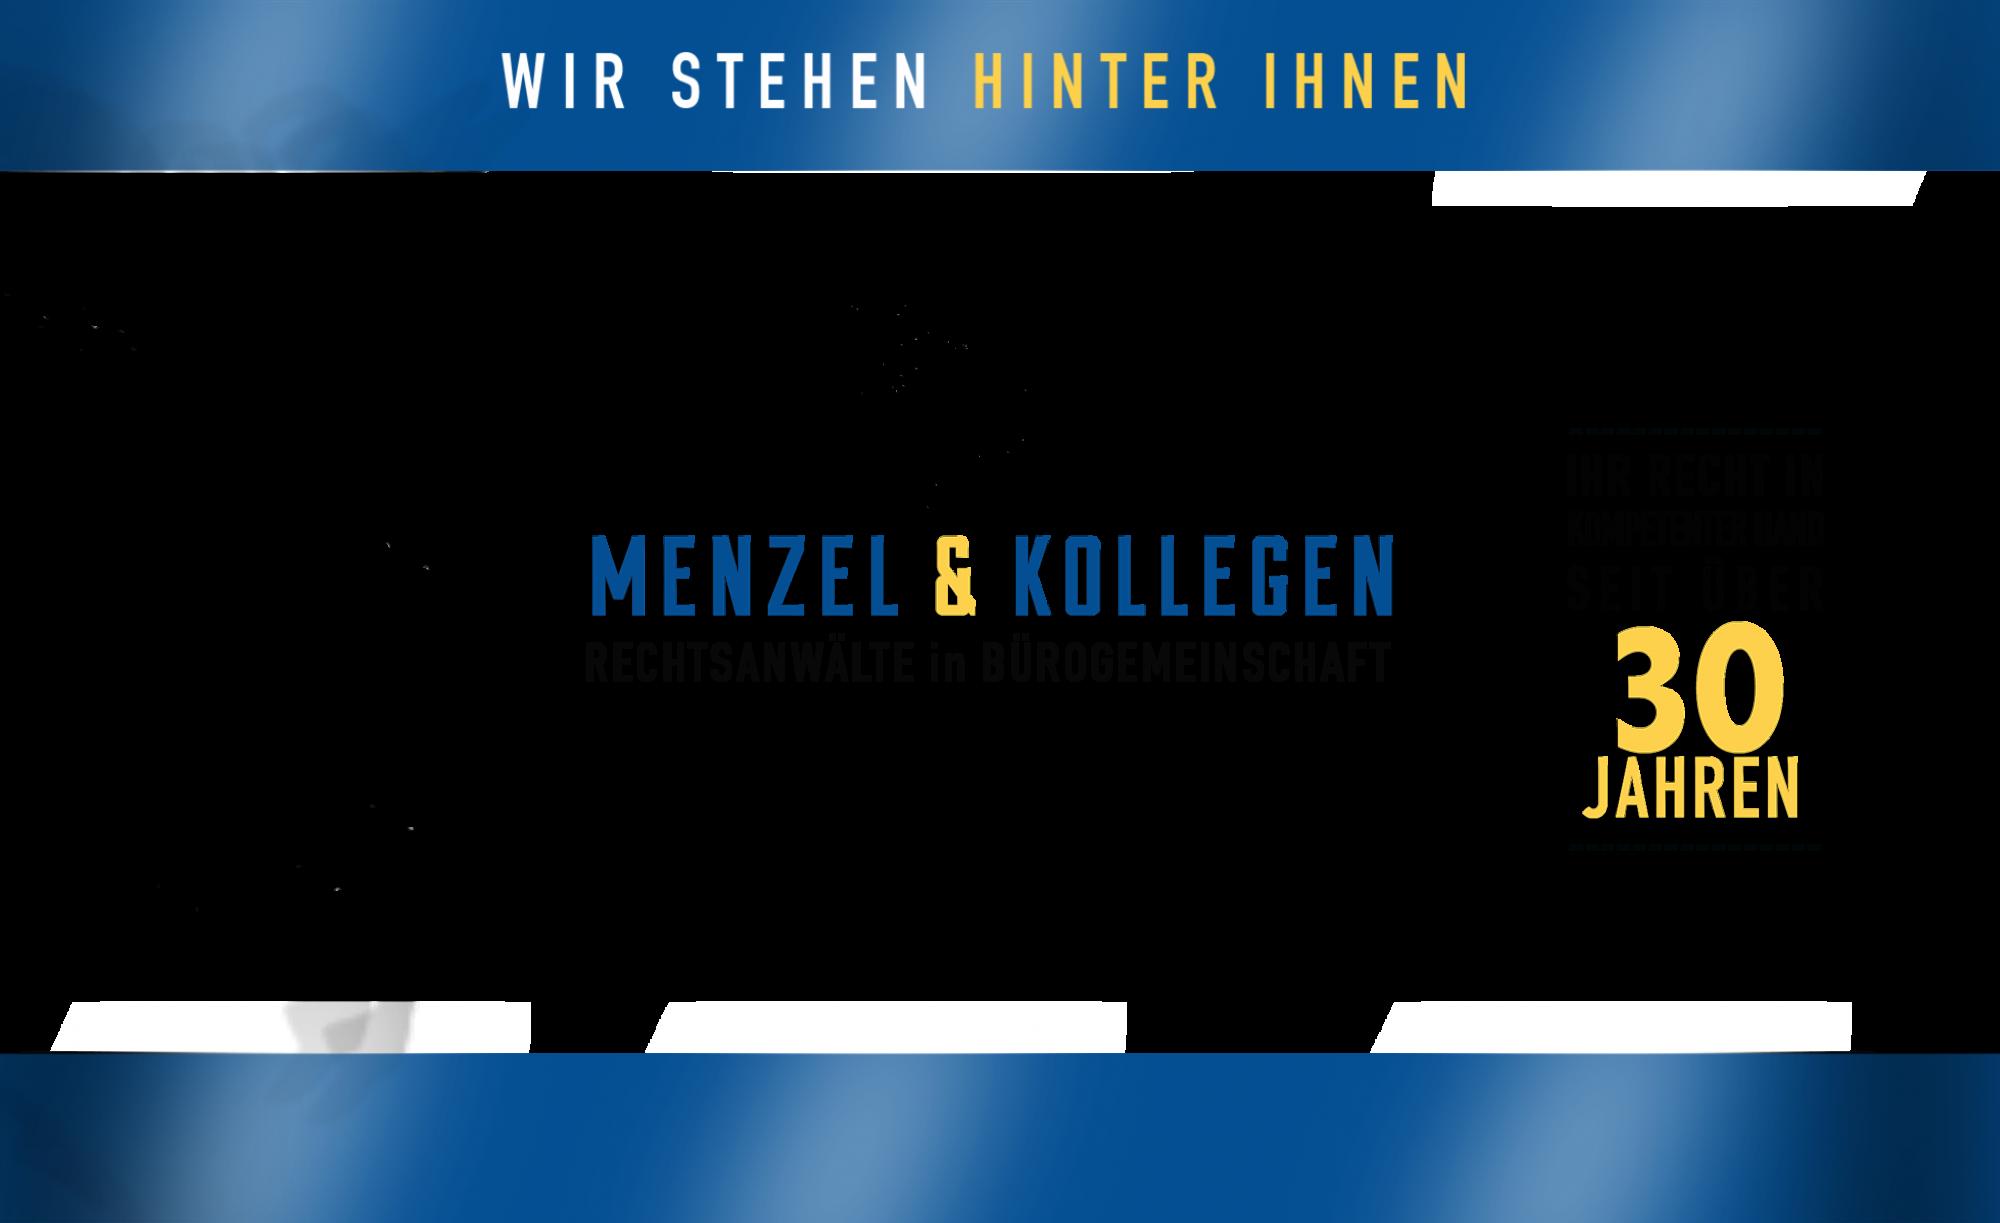 Menzel & Kollegen